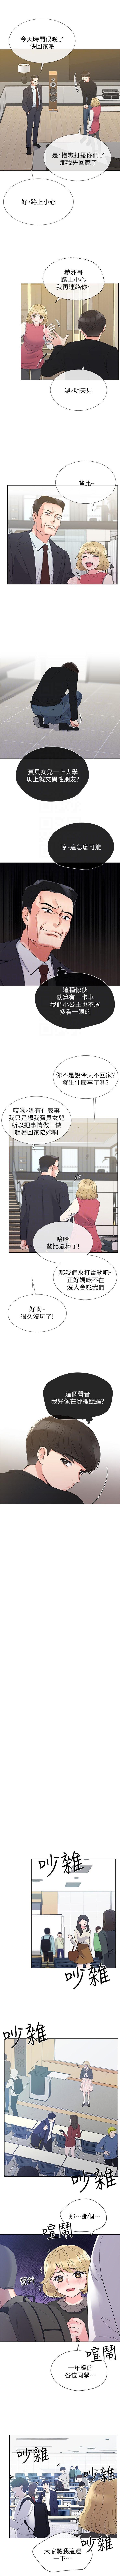 (週5)重考生 1-52 中文翻譯(更新中) 213